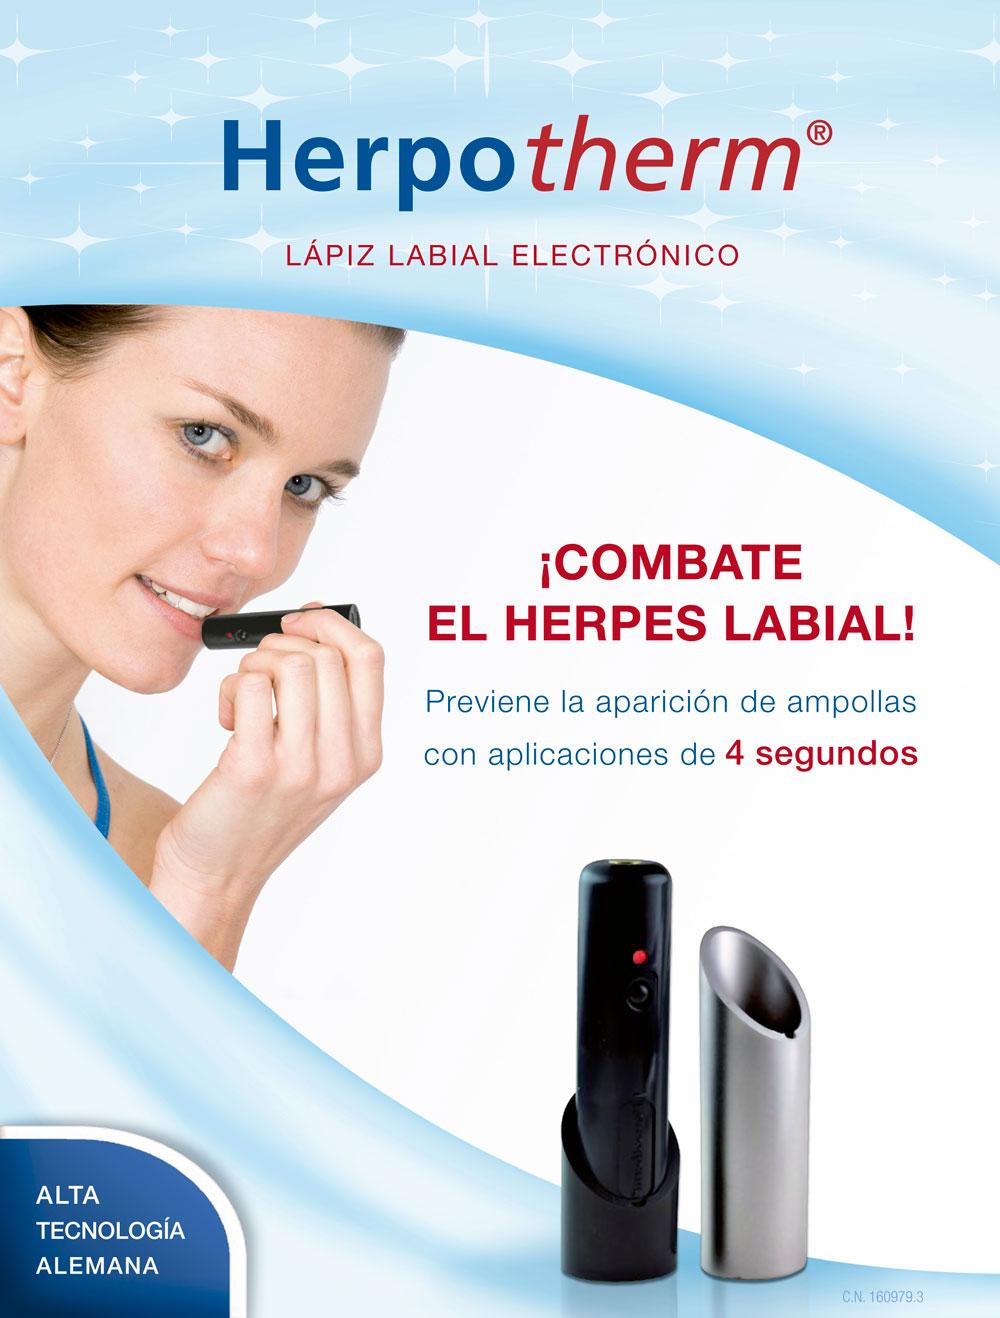 Herpotherm ®